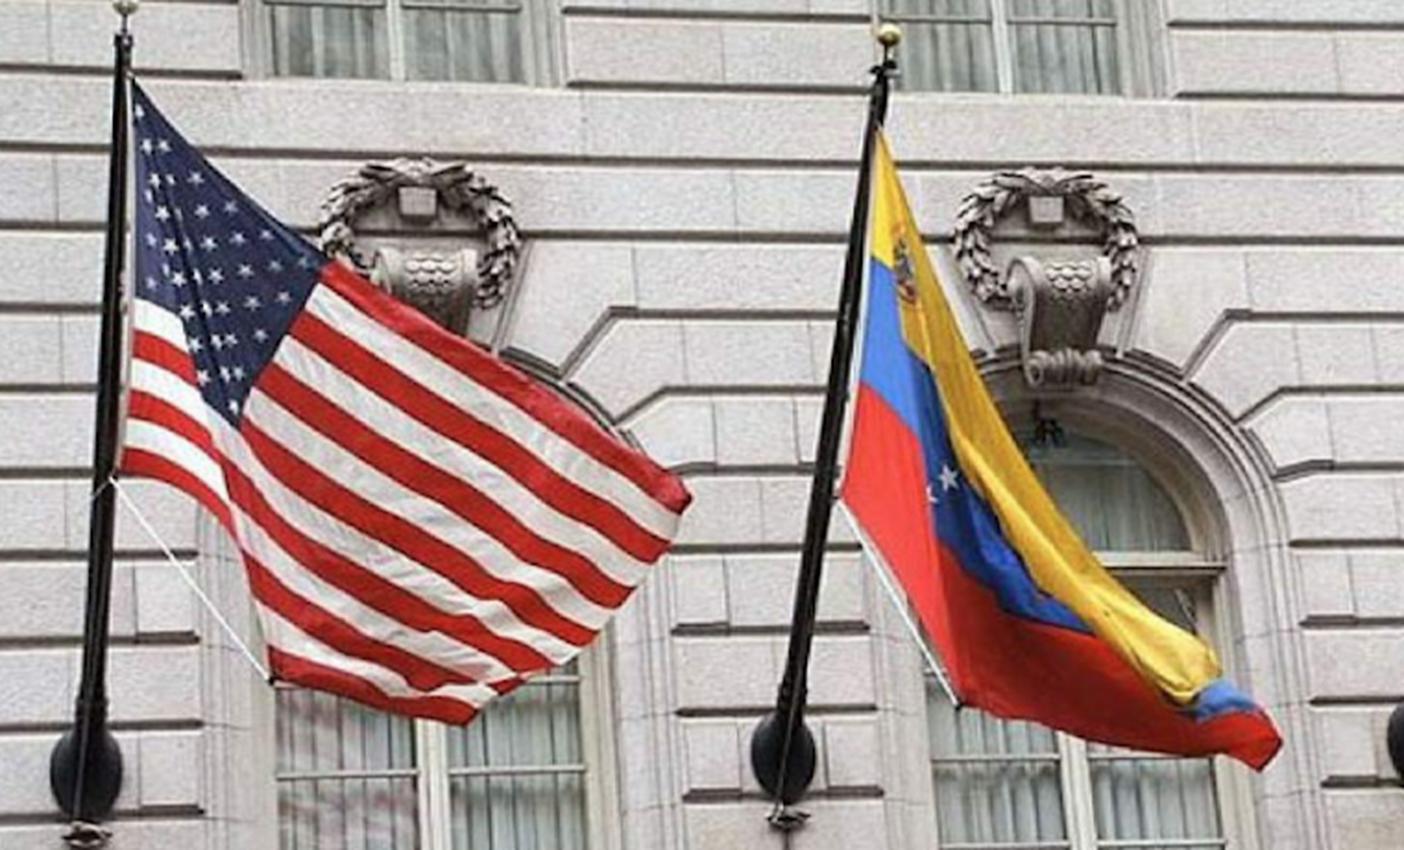 EEUU usará dinero retirado a Guatemala y Honduras para ayudar al gobierno de Juan Guaidó